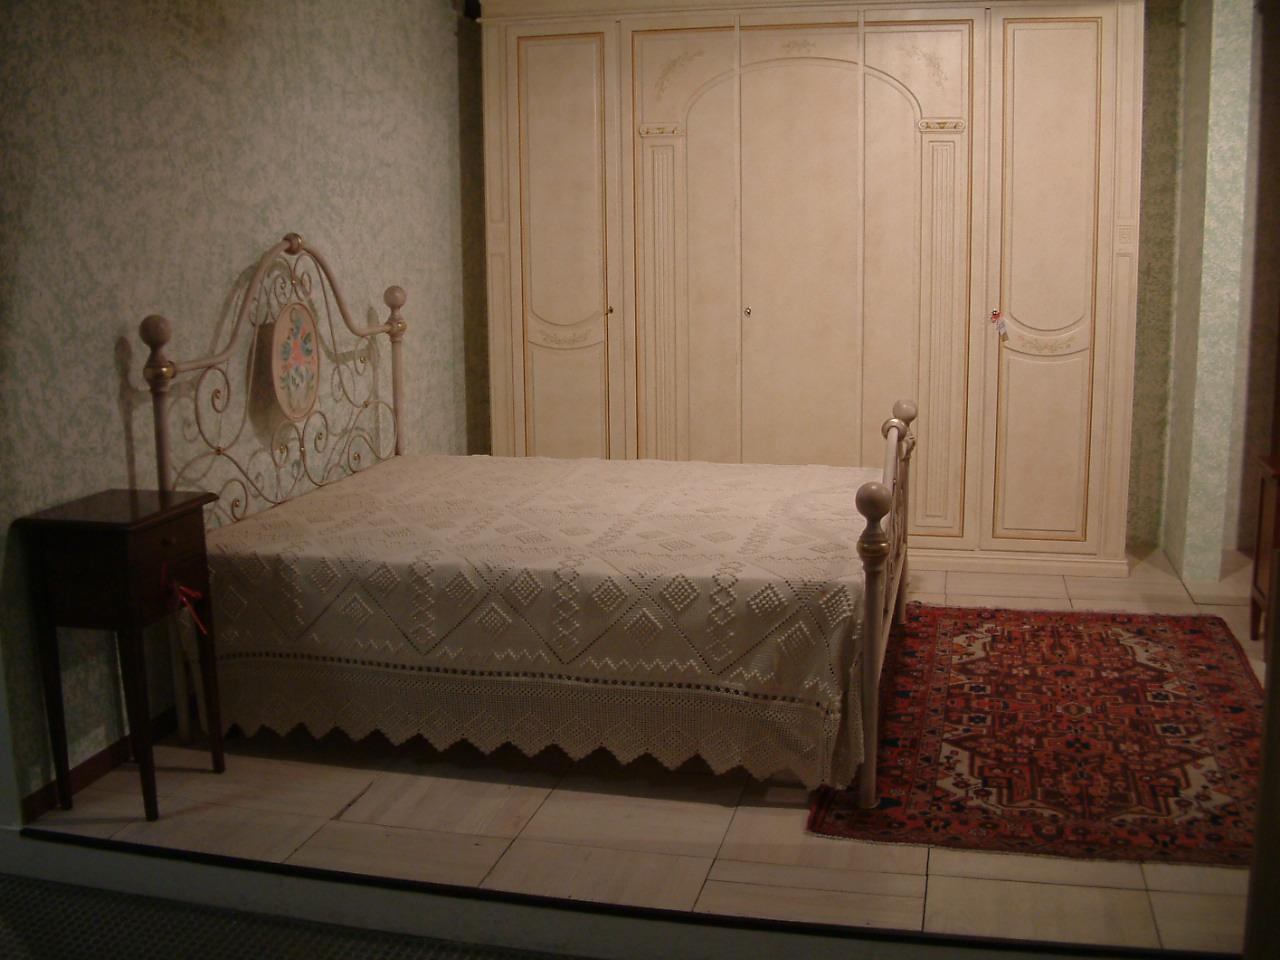 Camere da letto - Letto stile veneziano ...